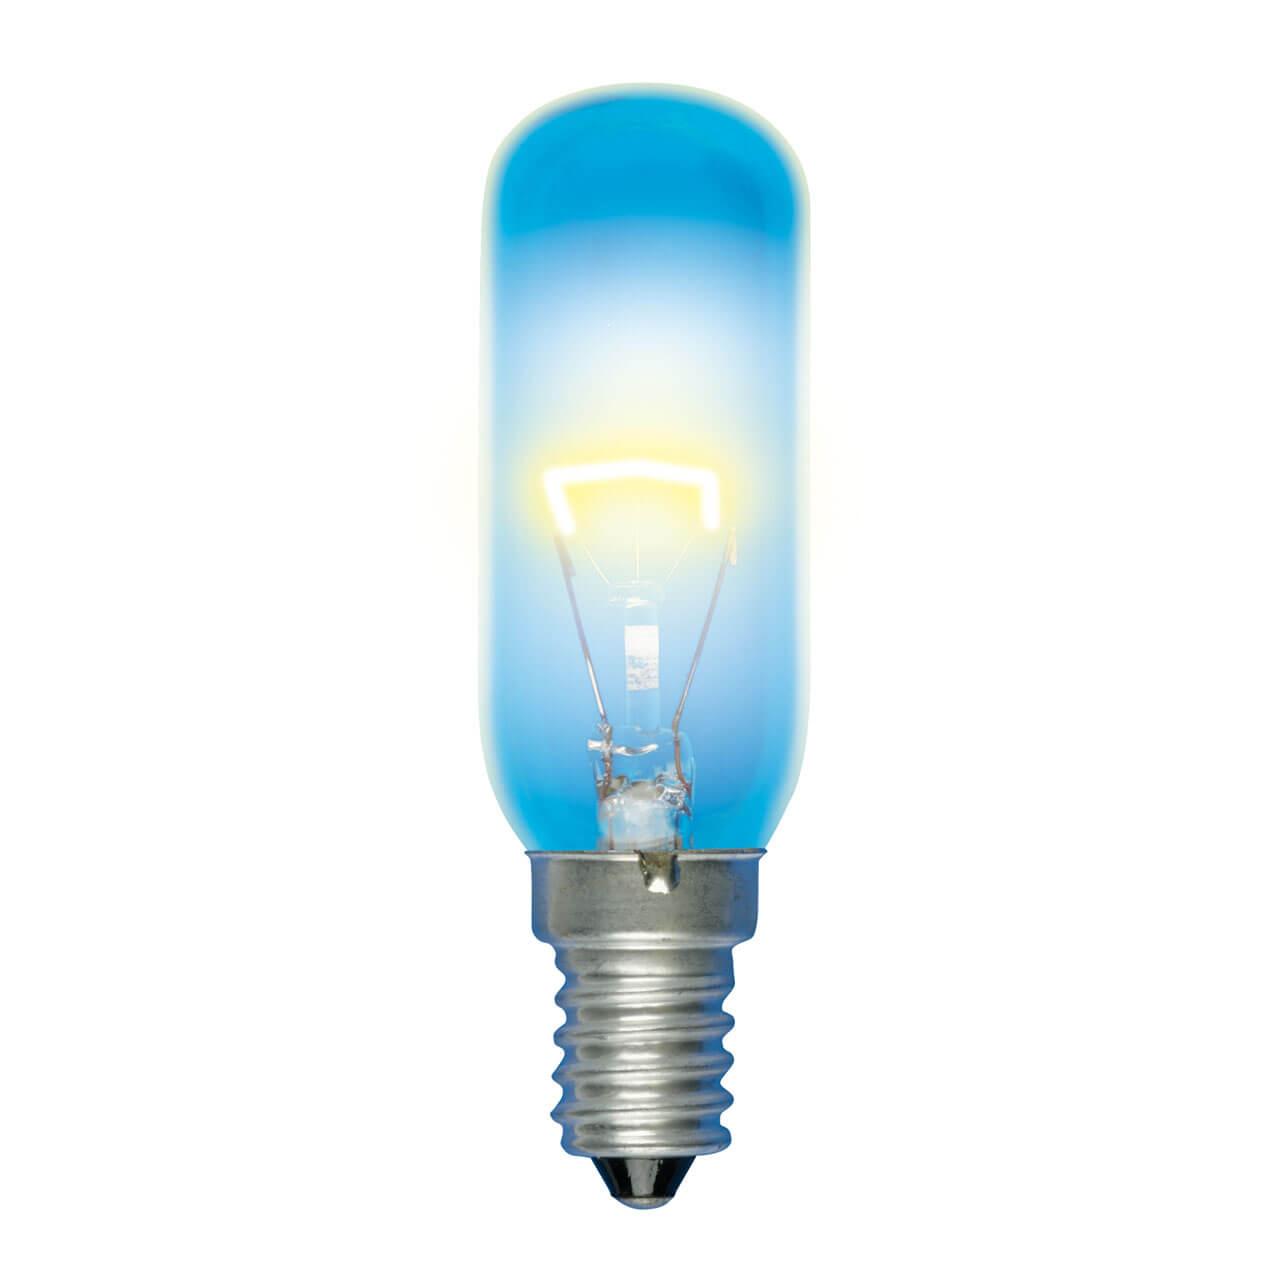 цена Лампочка Uniel IL-F25-CL-40/E14 F25-CL онлайн в 2017 году